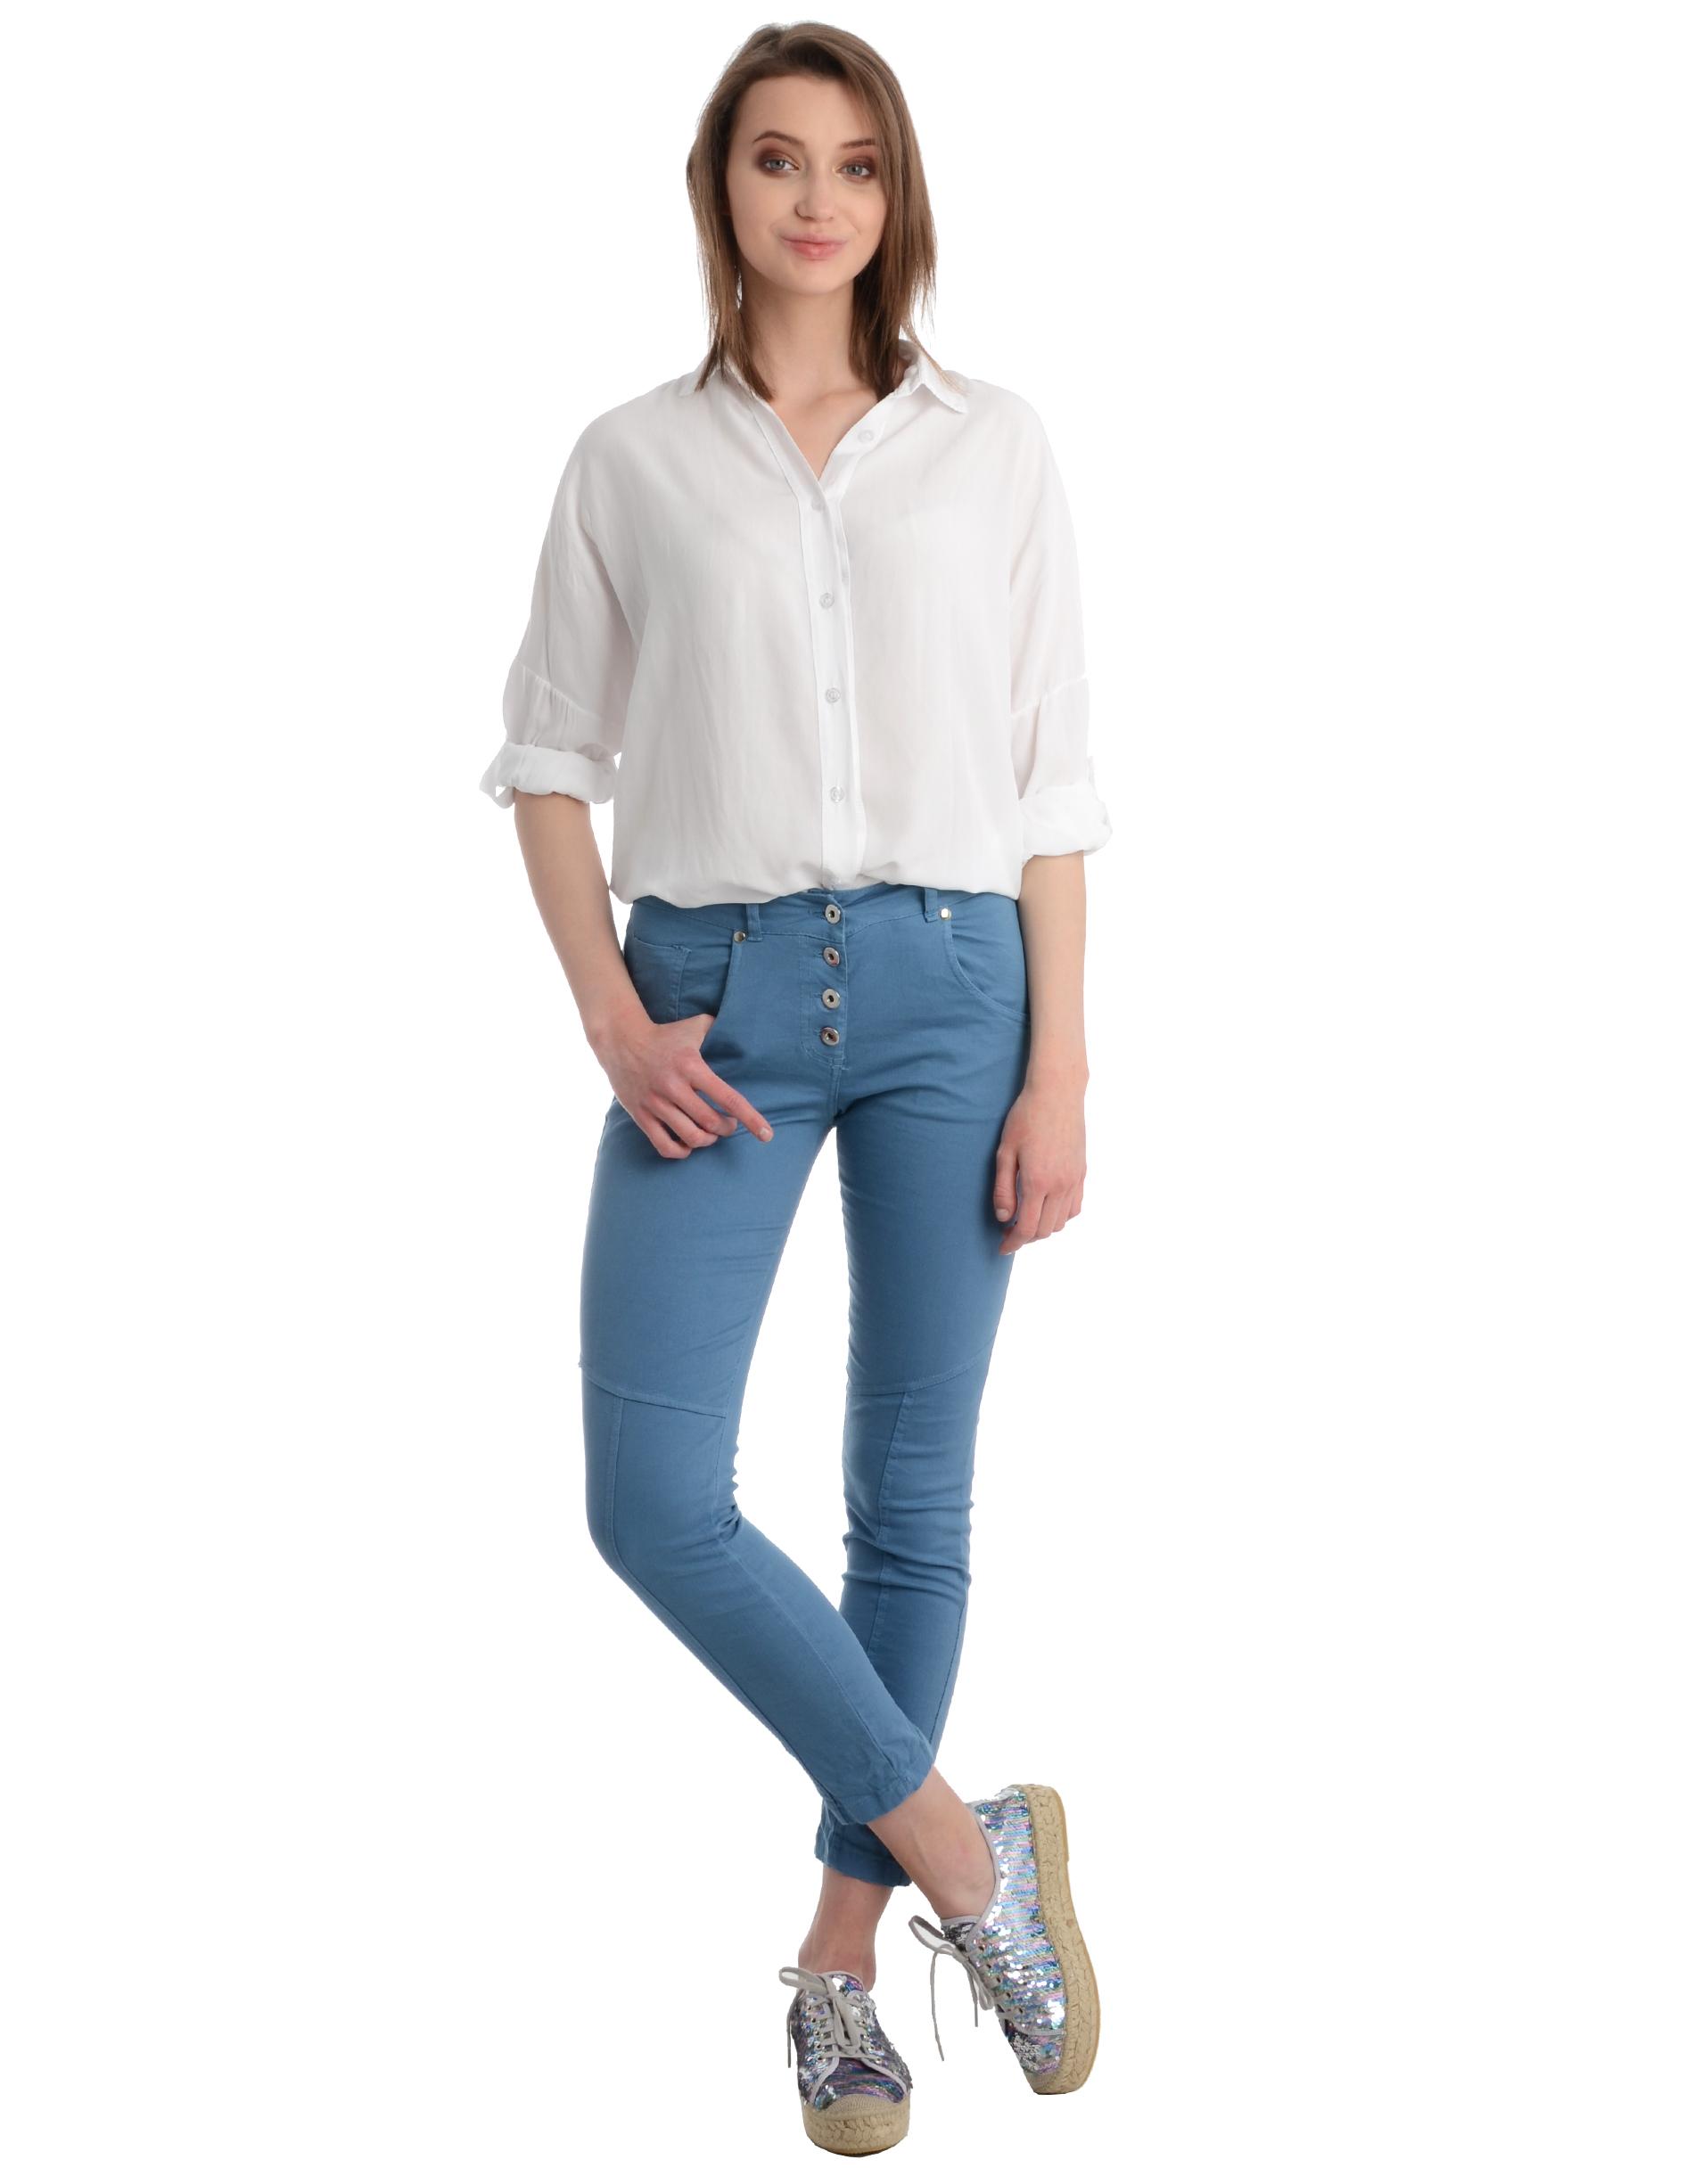 Spodnie - 34-4013 JEANS - Unisono